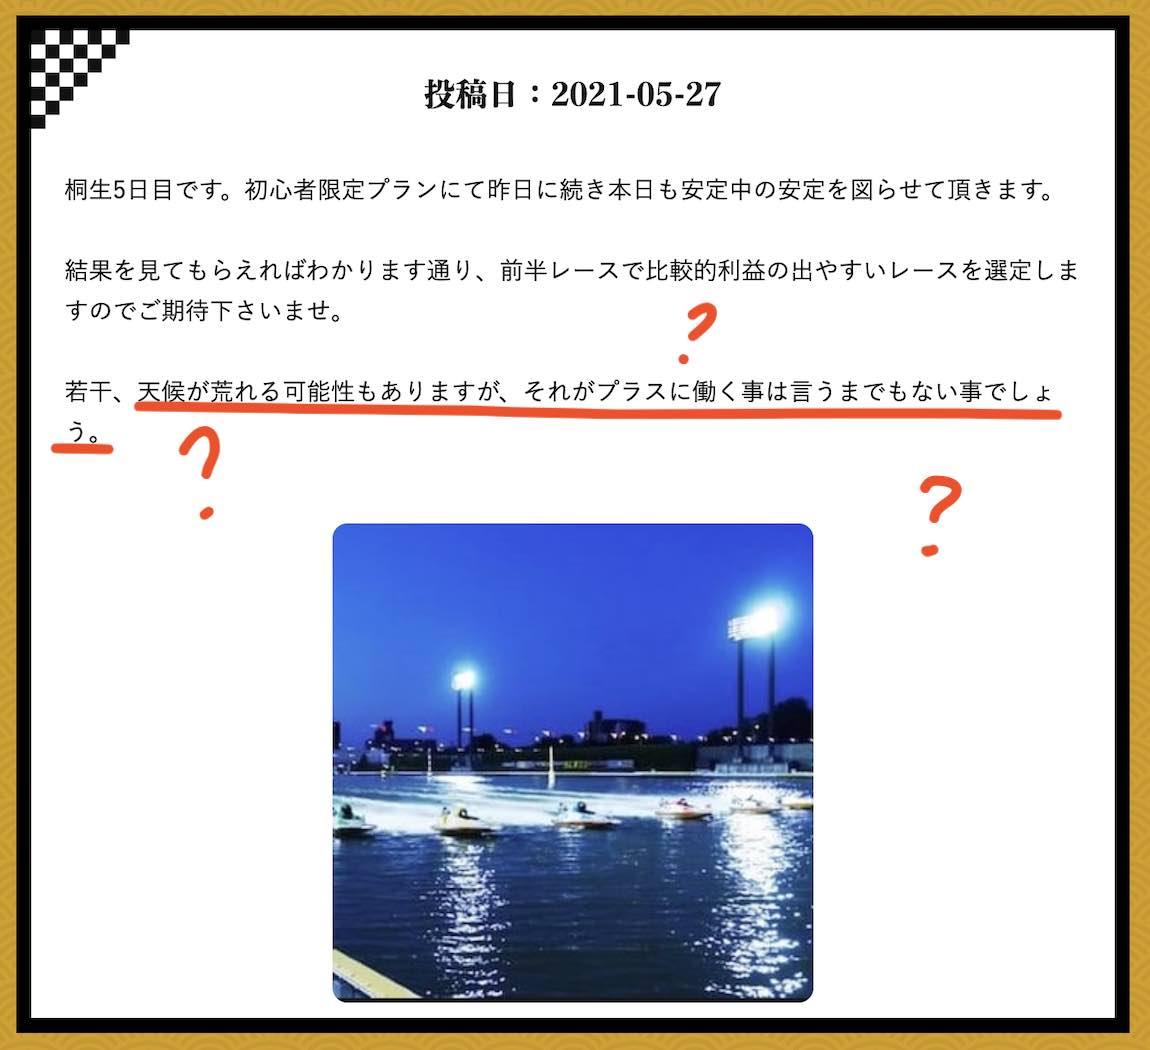 万舟JAPAN(万舟ジャパン)という競艇予想サイト(ボートレース予想サイト)の2021/05/27の情報部ツイートにツッコミ